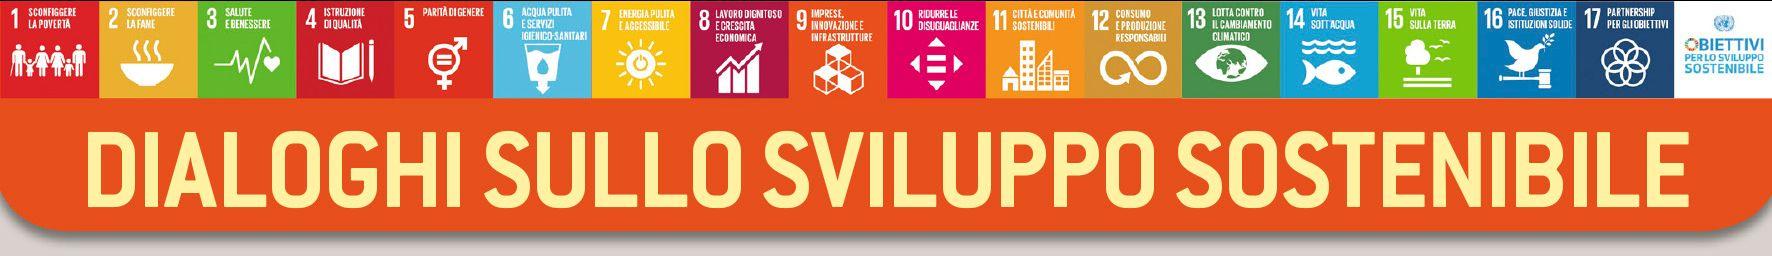 Dialoghi sullo sviluppo sostenibile